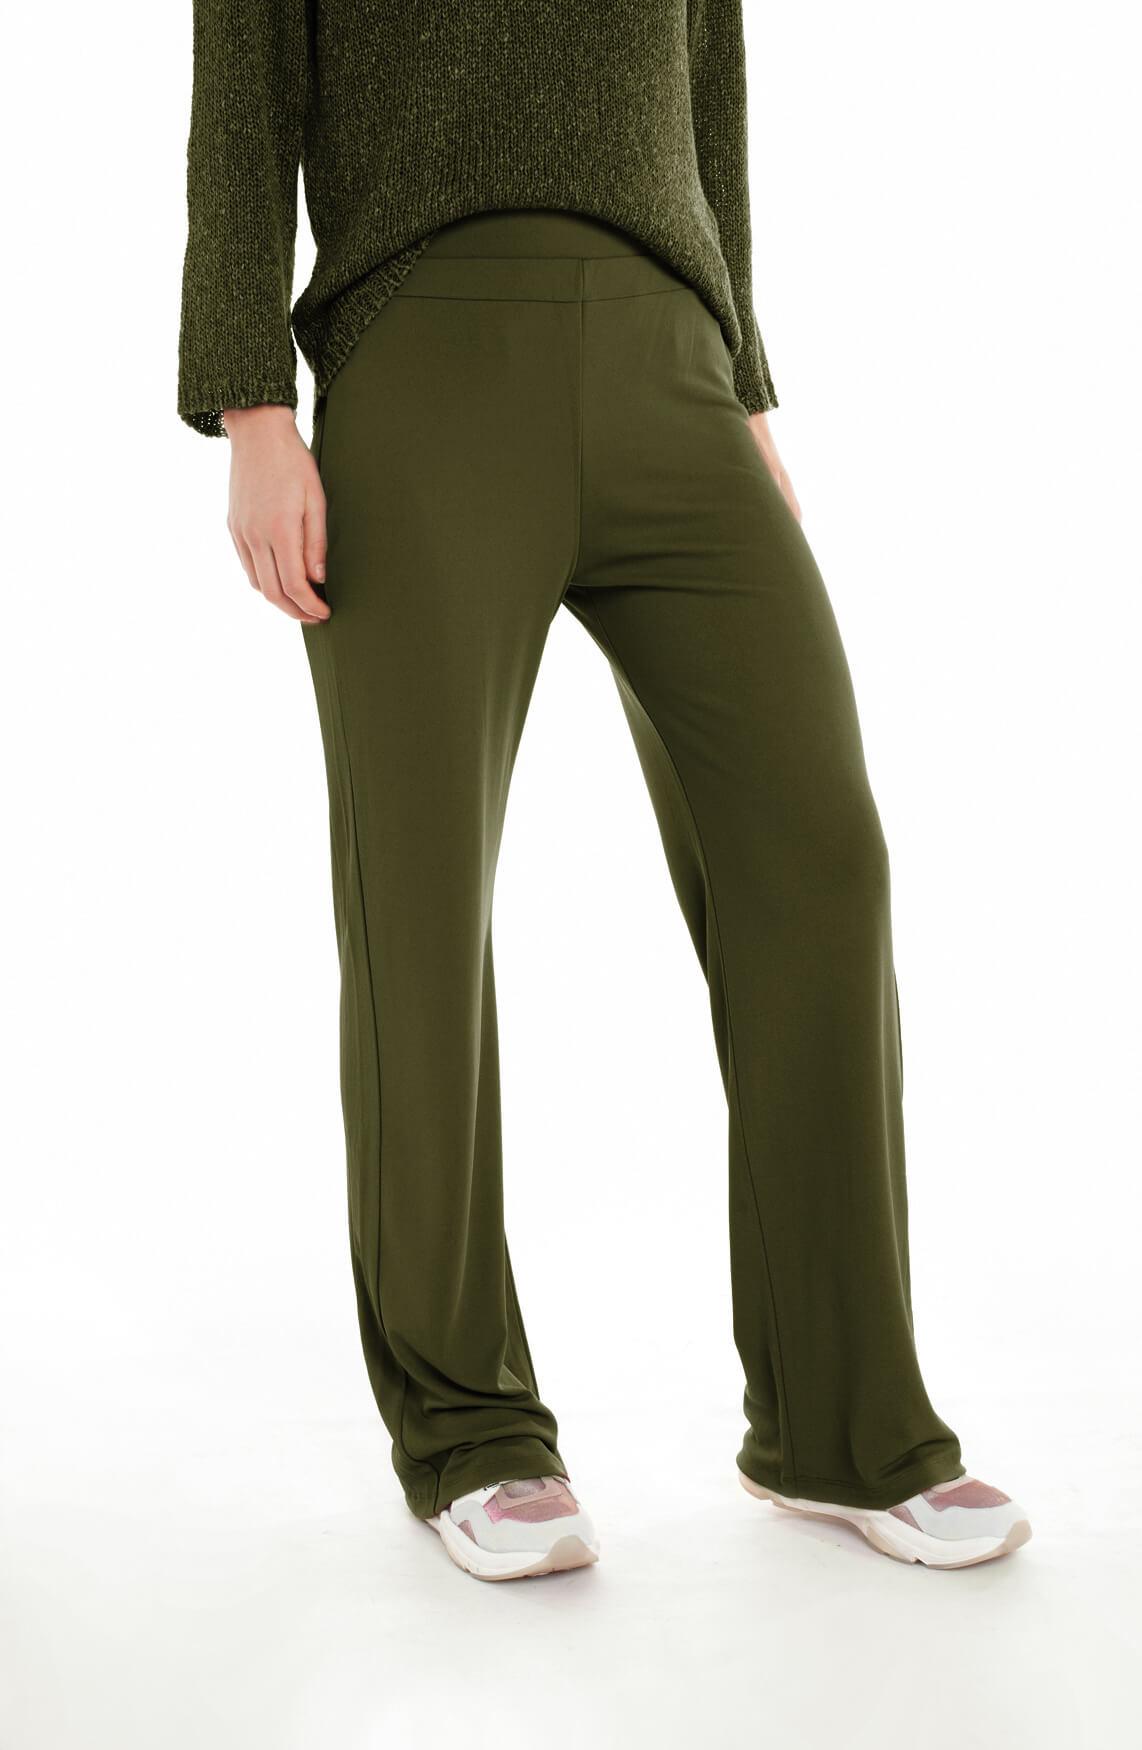 Moscow Dames Wijdvallende flowy broek groen